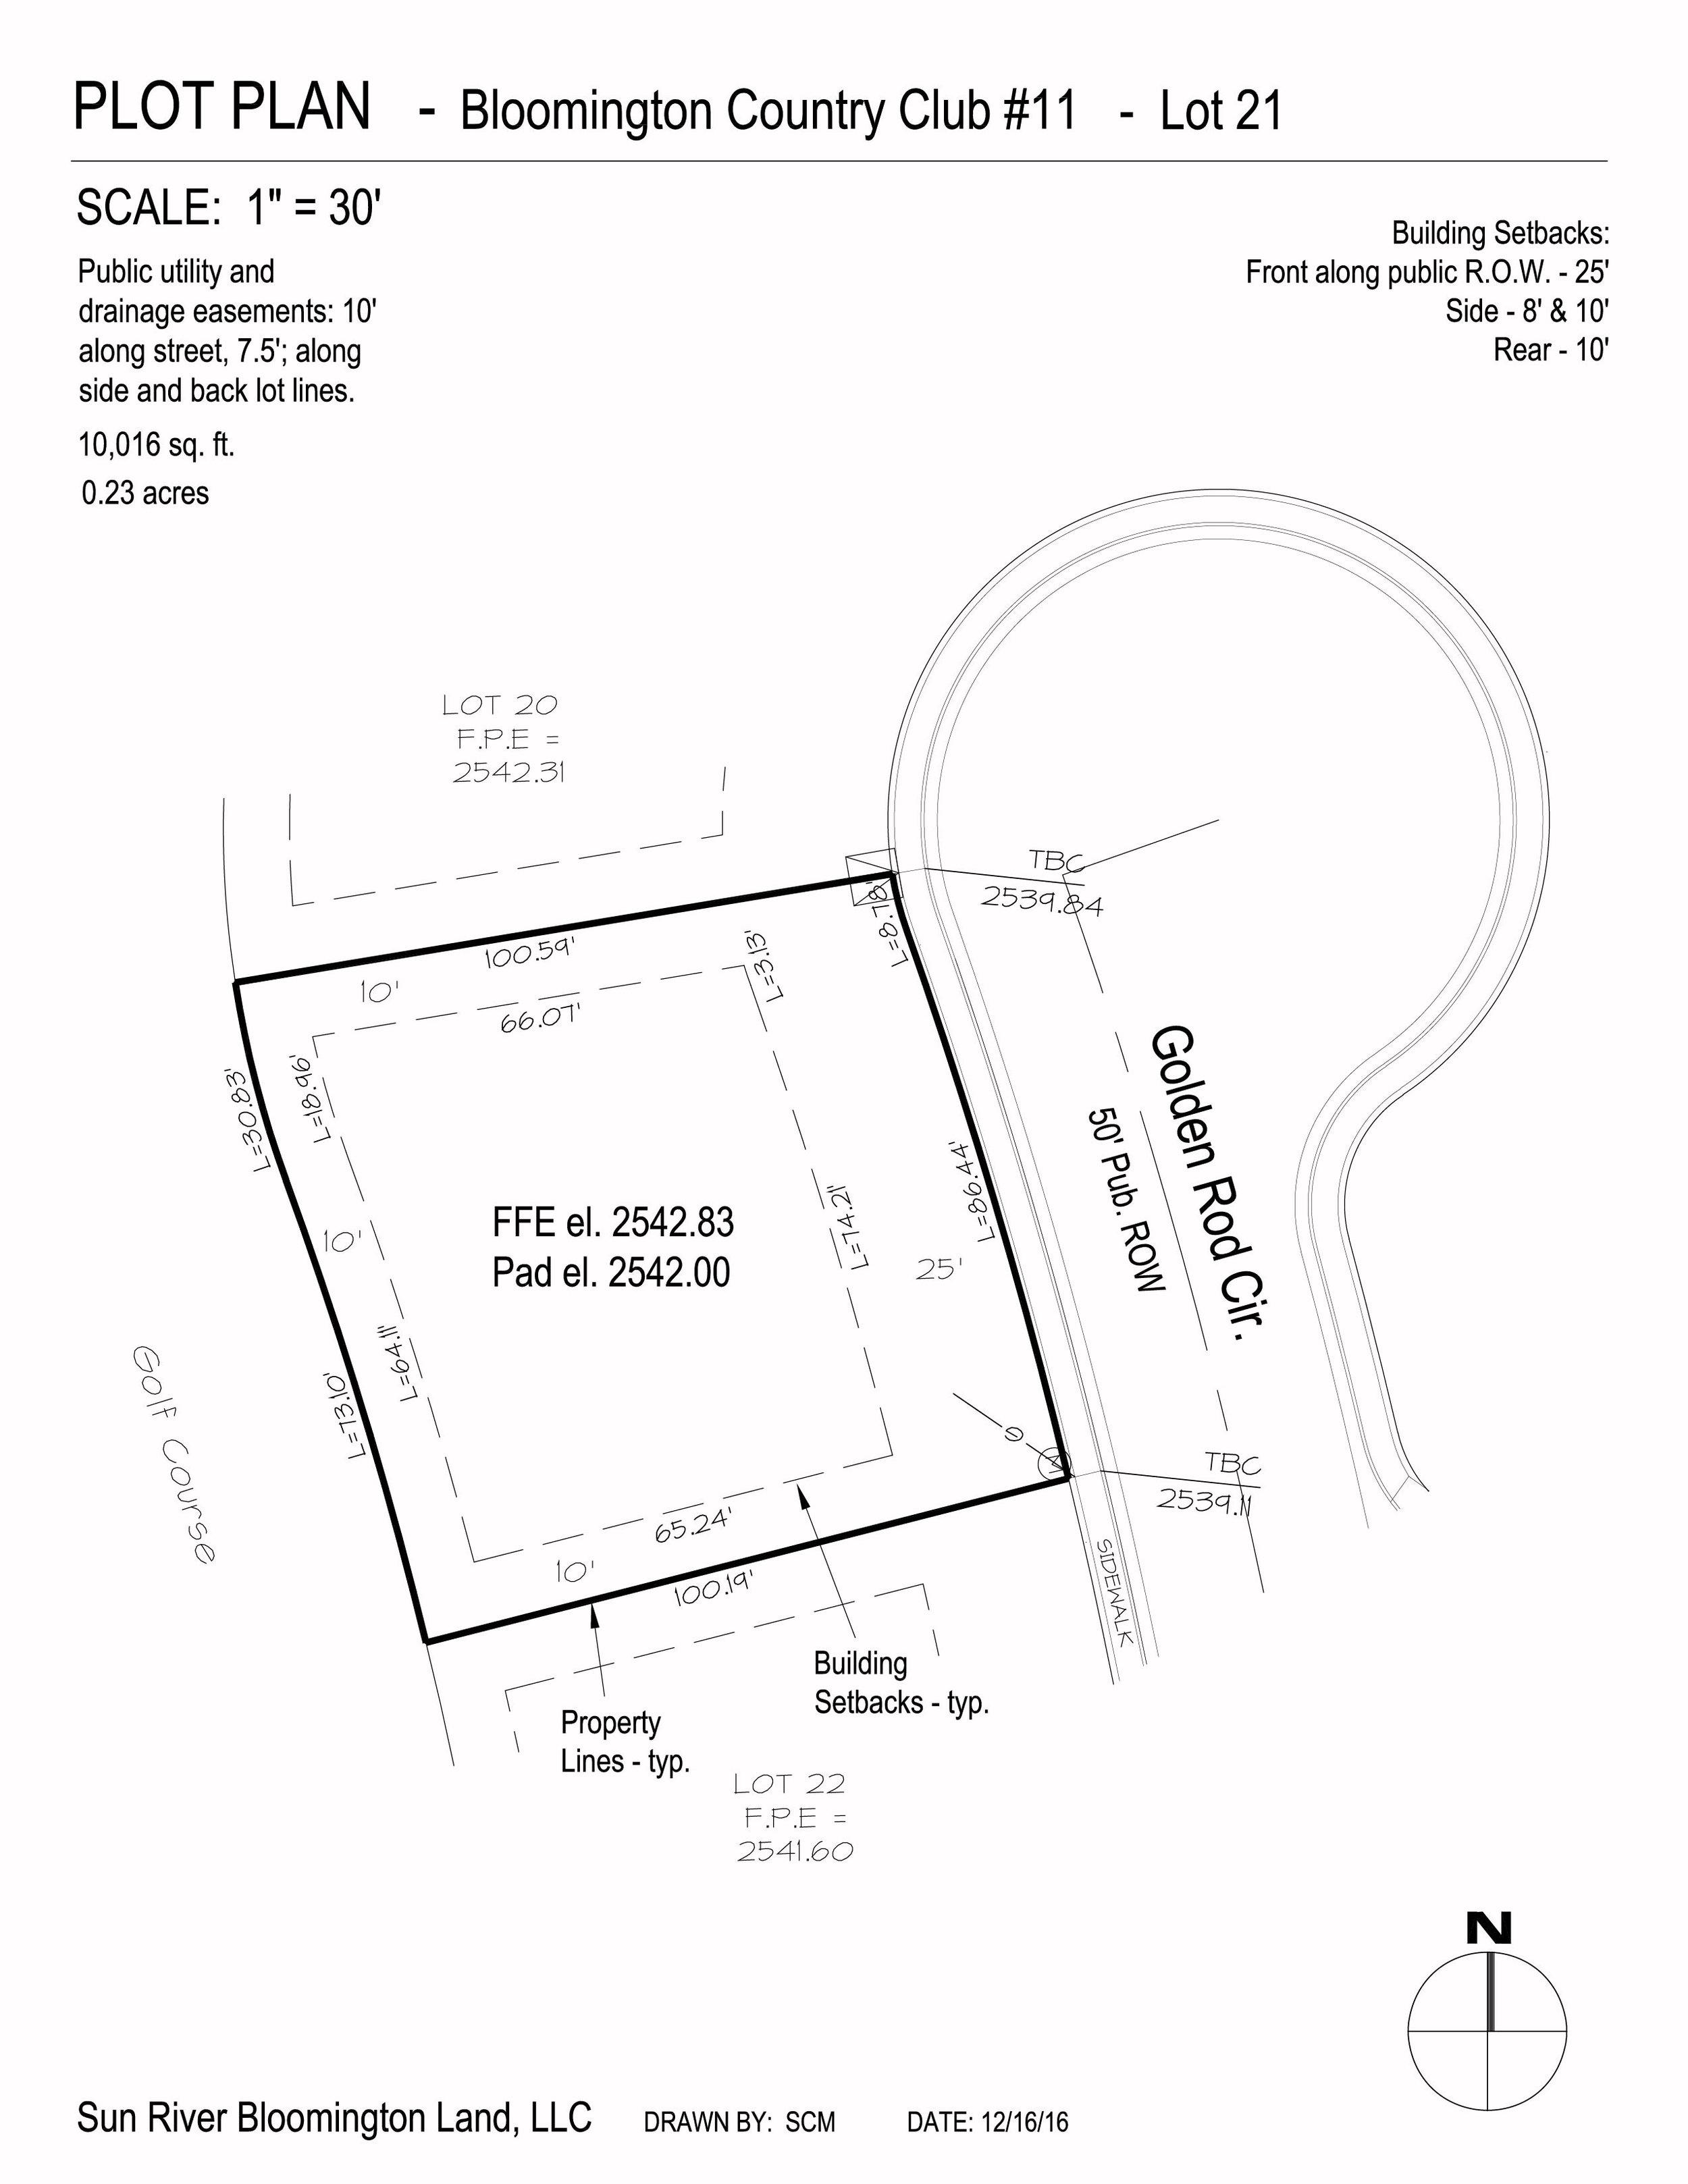 hamblin plot plans-21.jpg